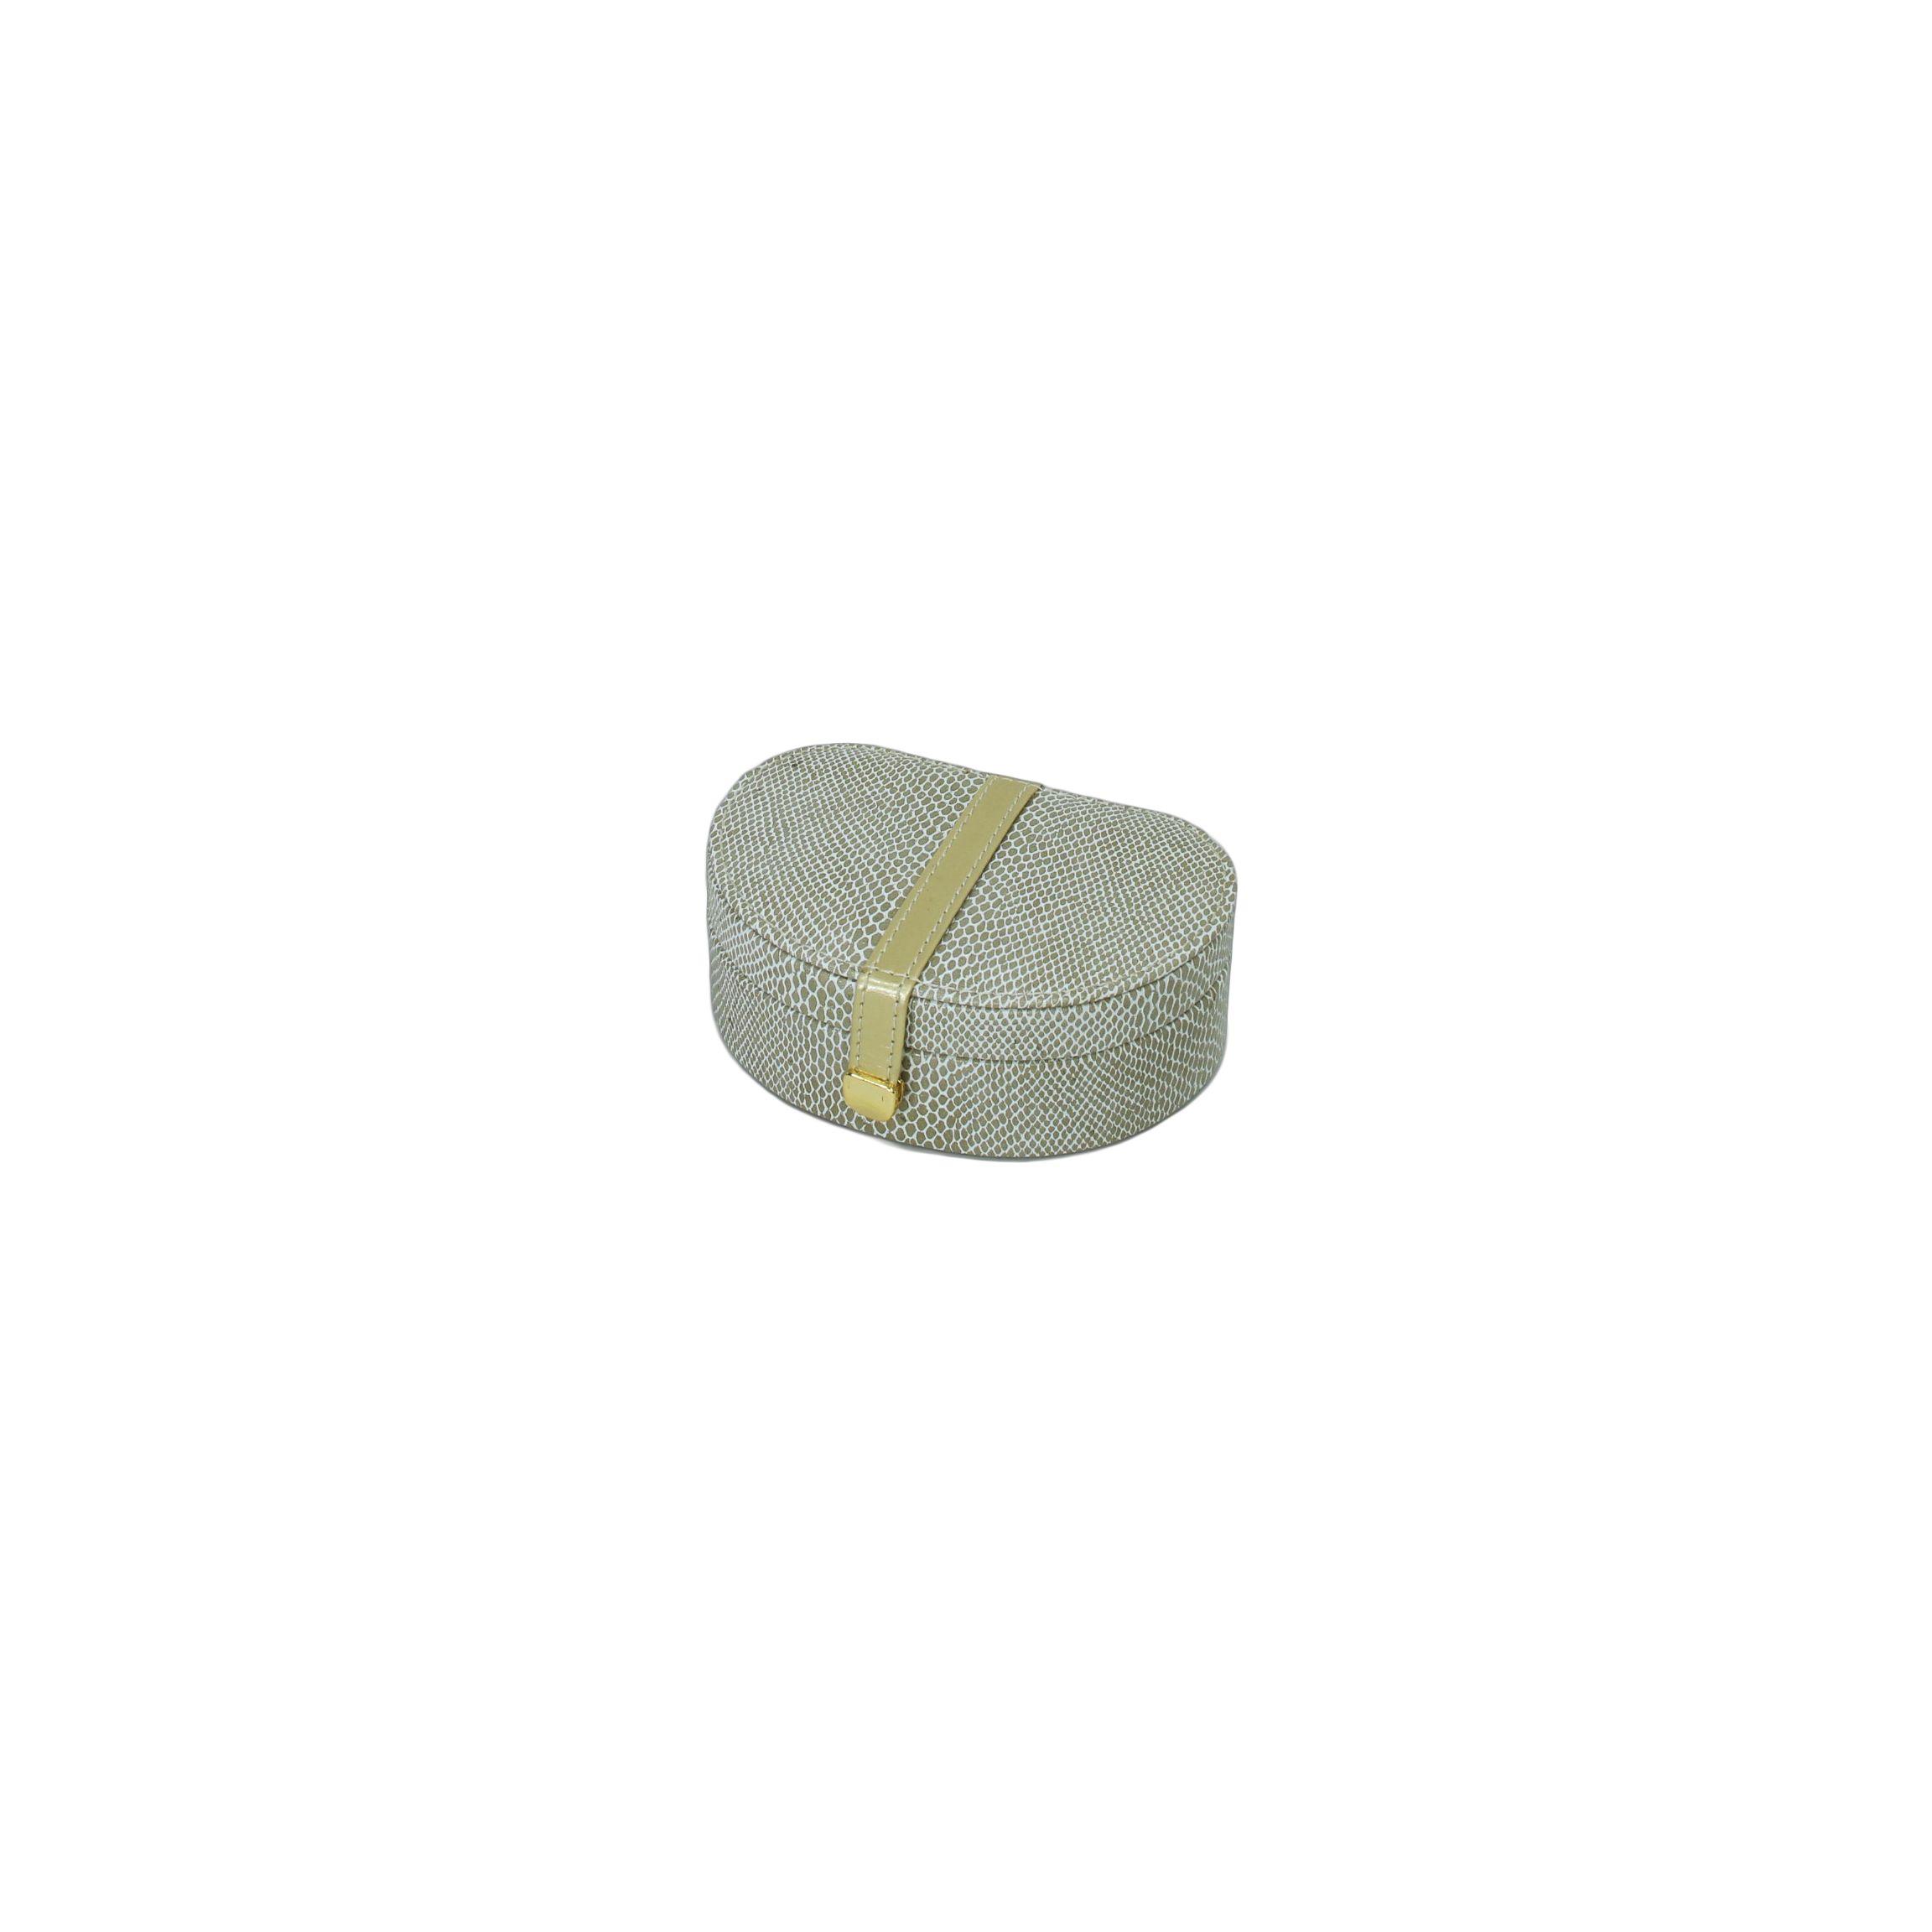 Кейс для хранения украшений Рептилия (  золотой, кож/зам) 140х95х55